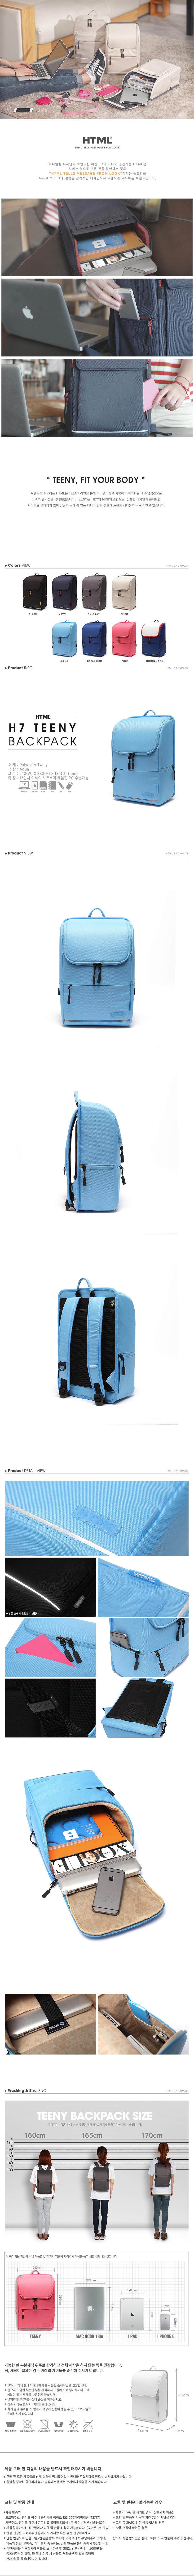 [에이치티엠엘]HTML-NEW H7 WOMAN TEENY Backpack (AQUA) 티니 백팩